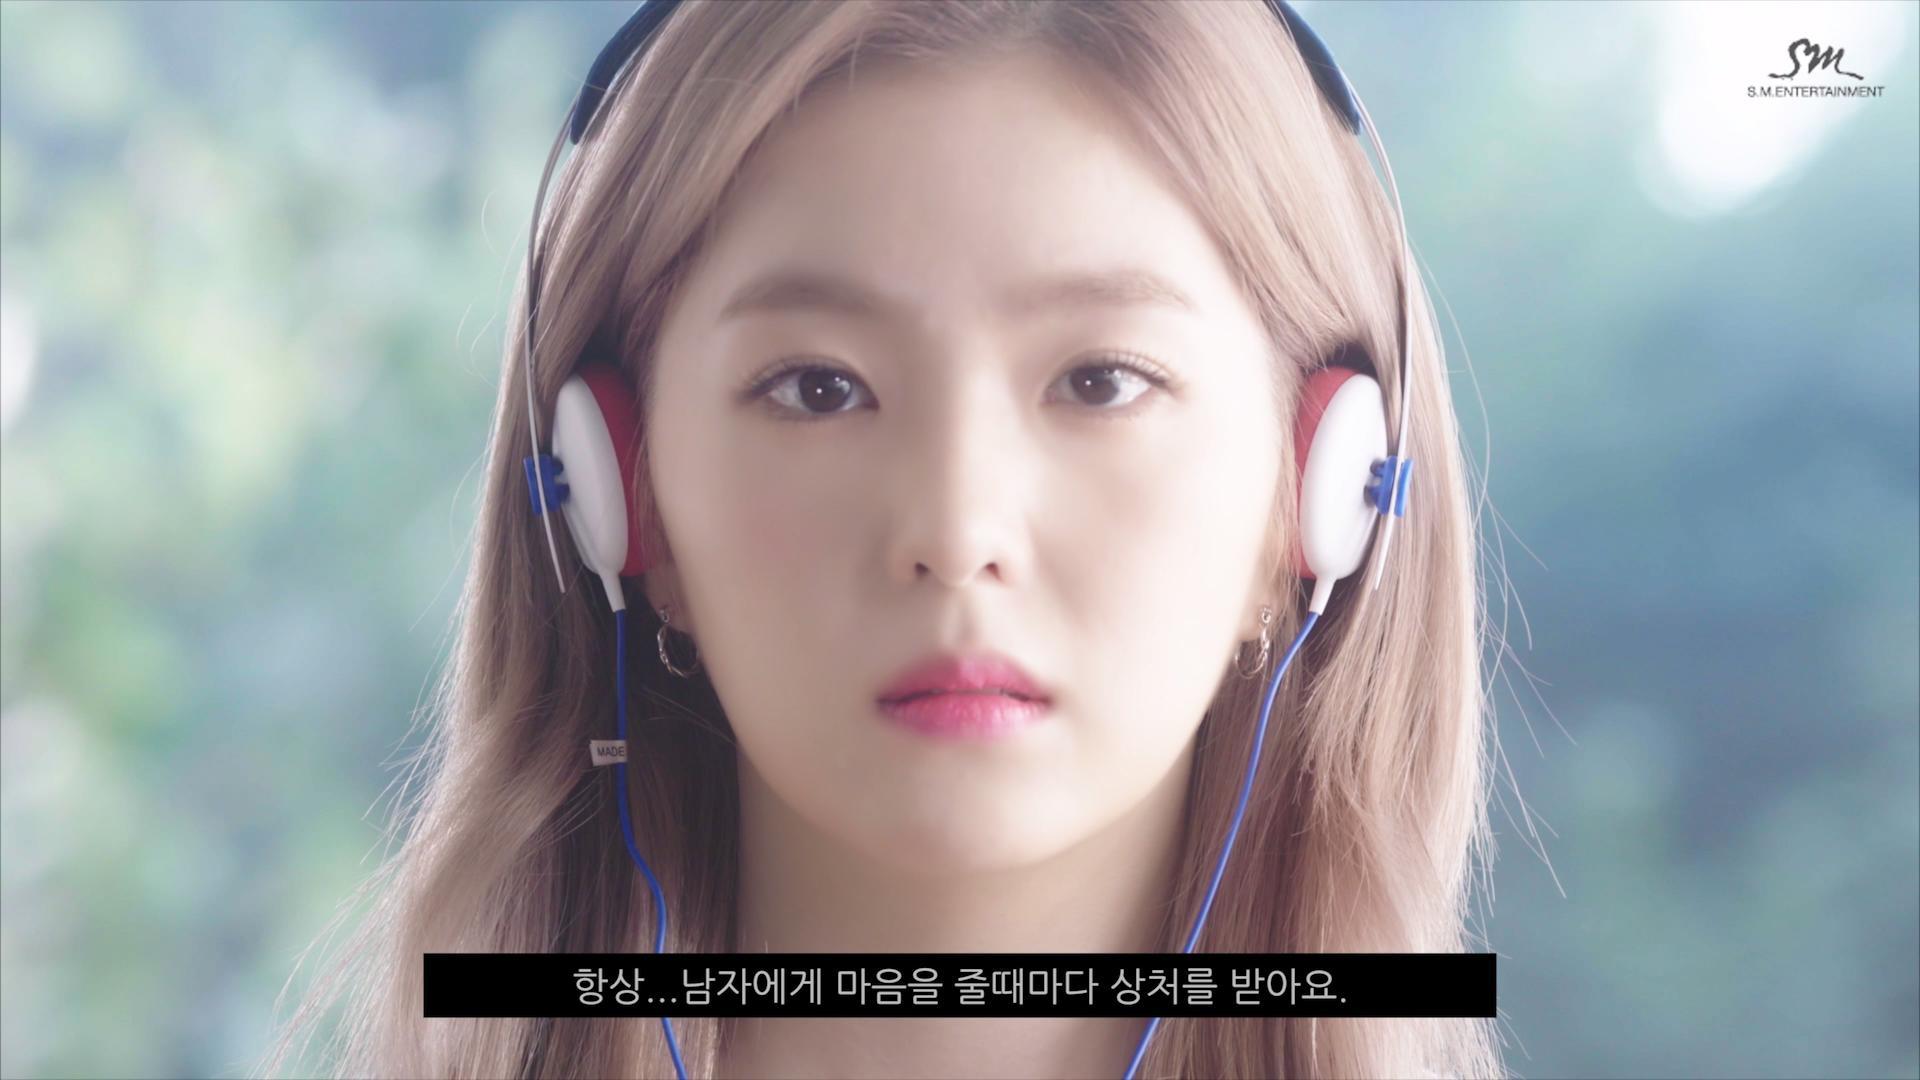 [최초공개] #SML #레드벨벳 #아이린